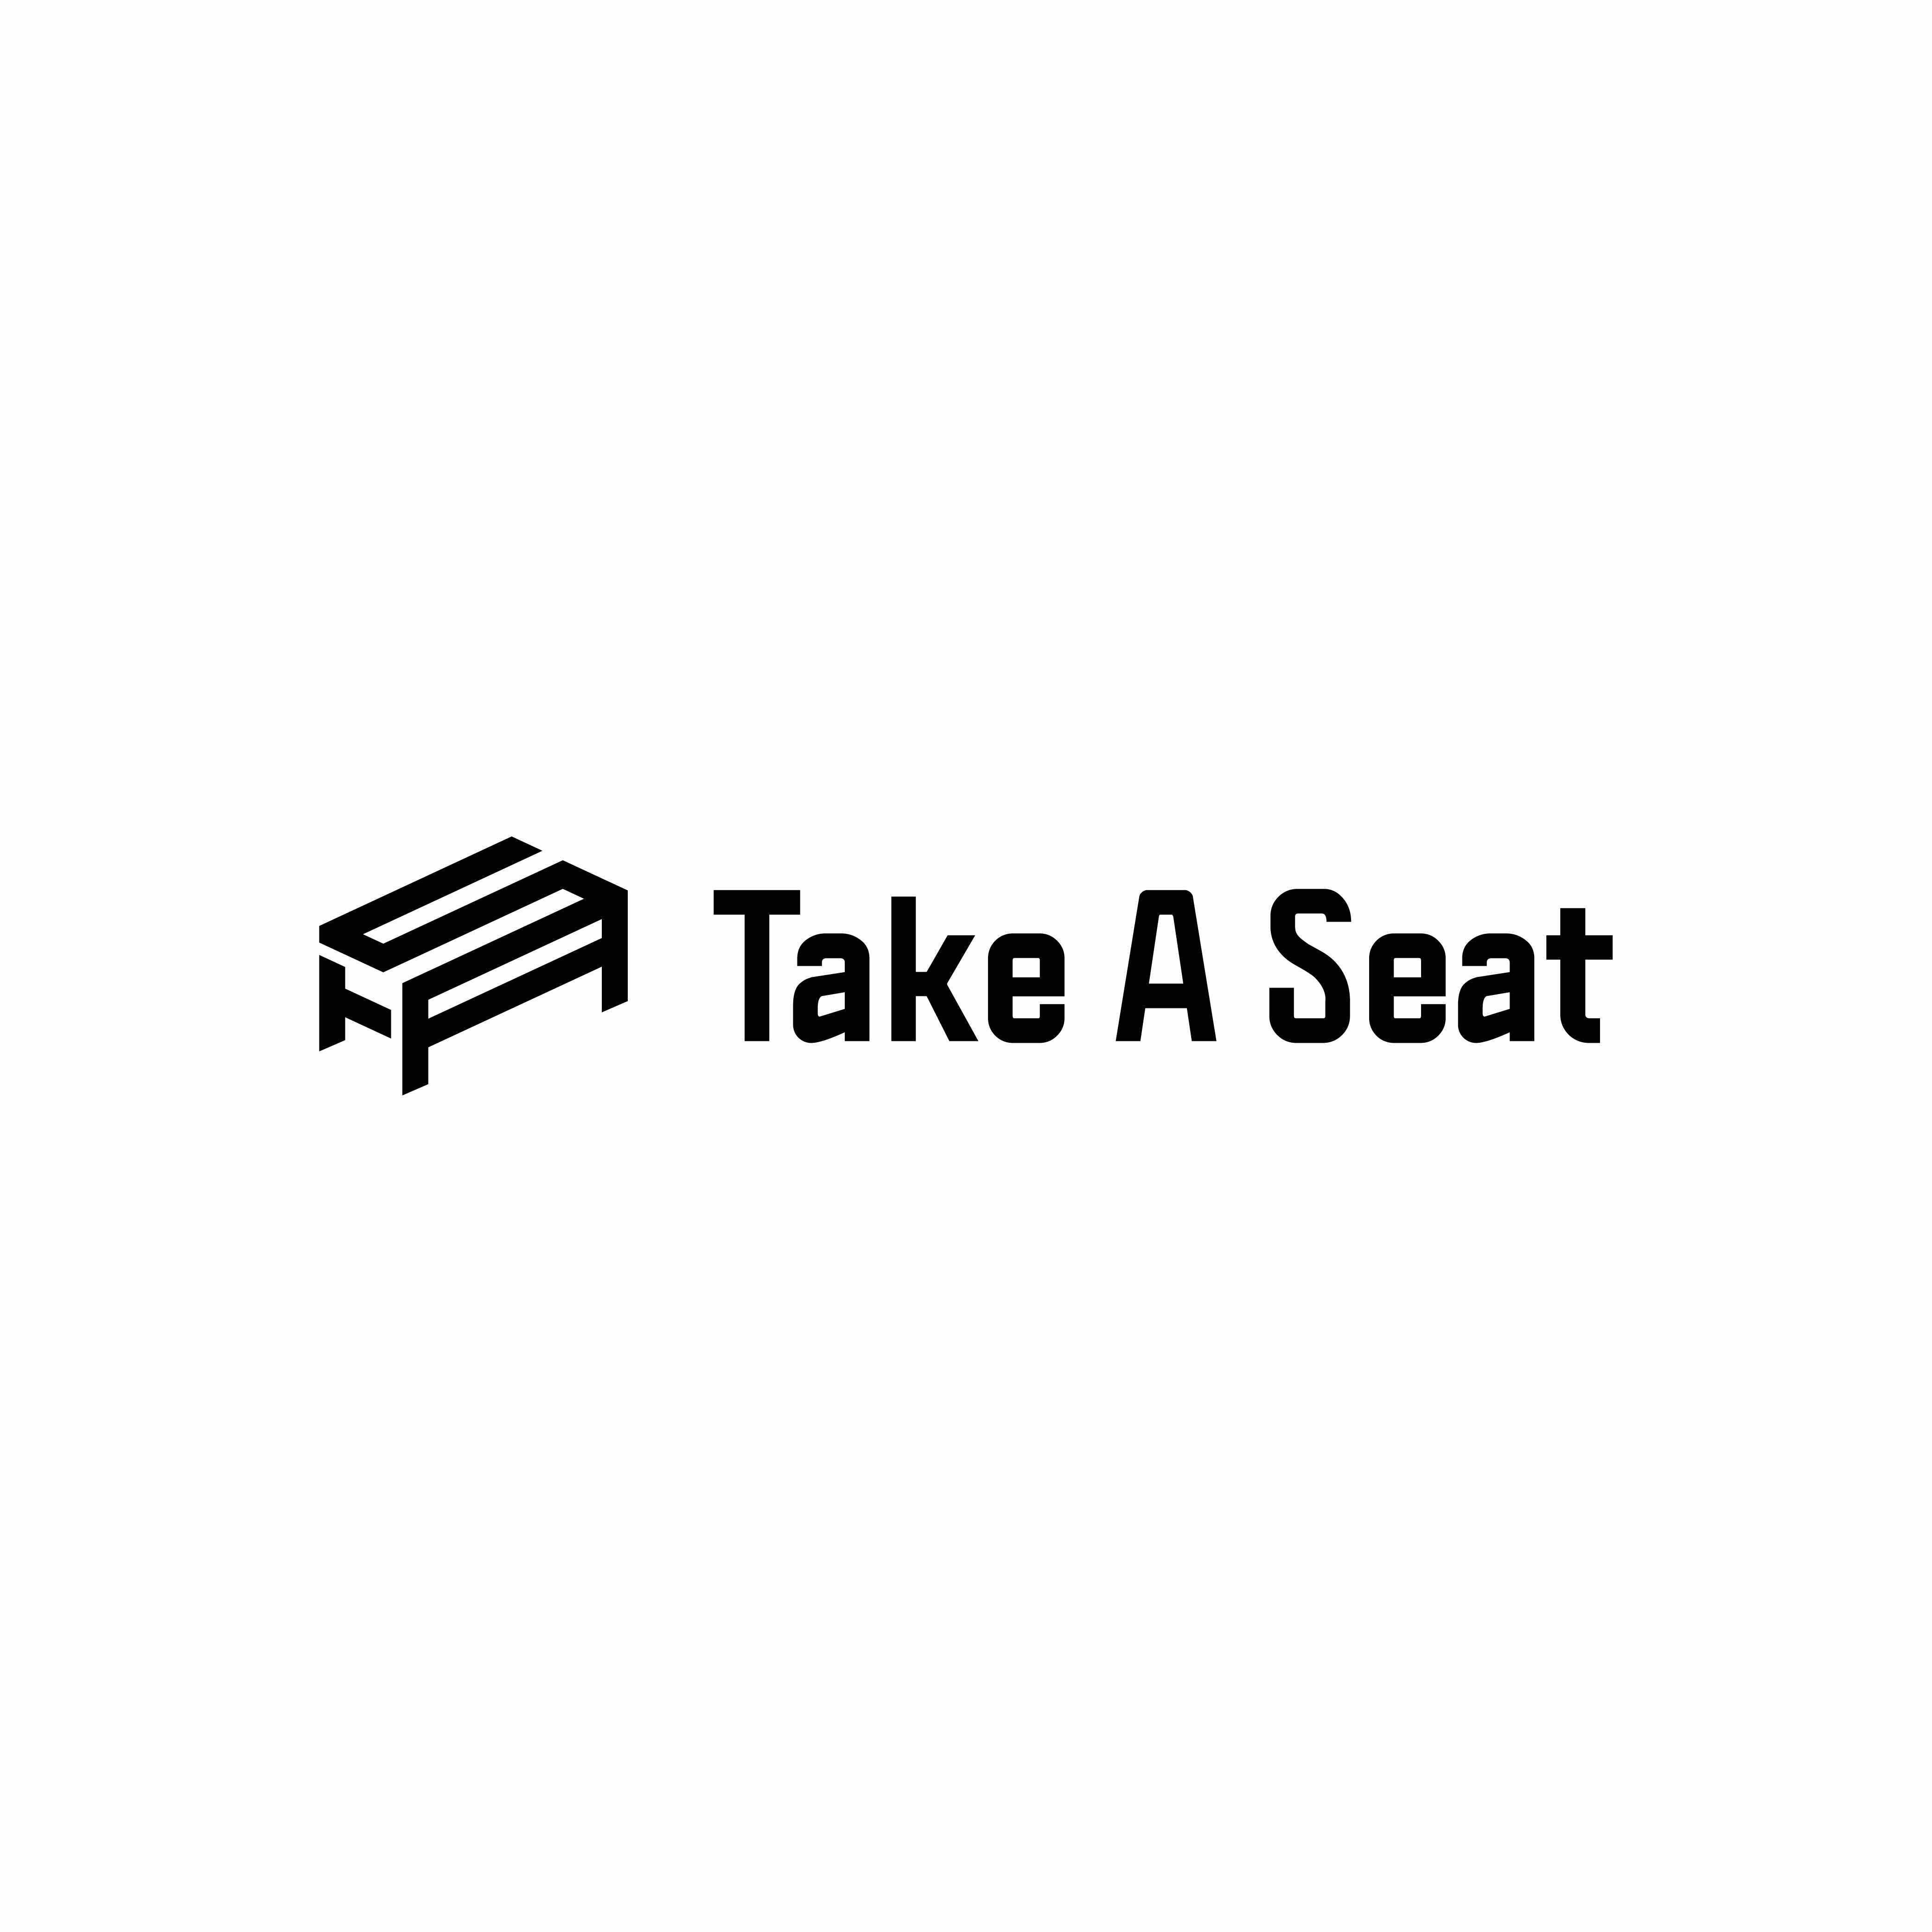 take a seat logo